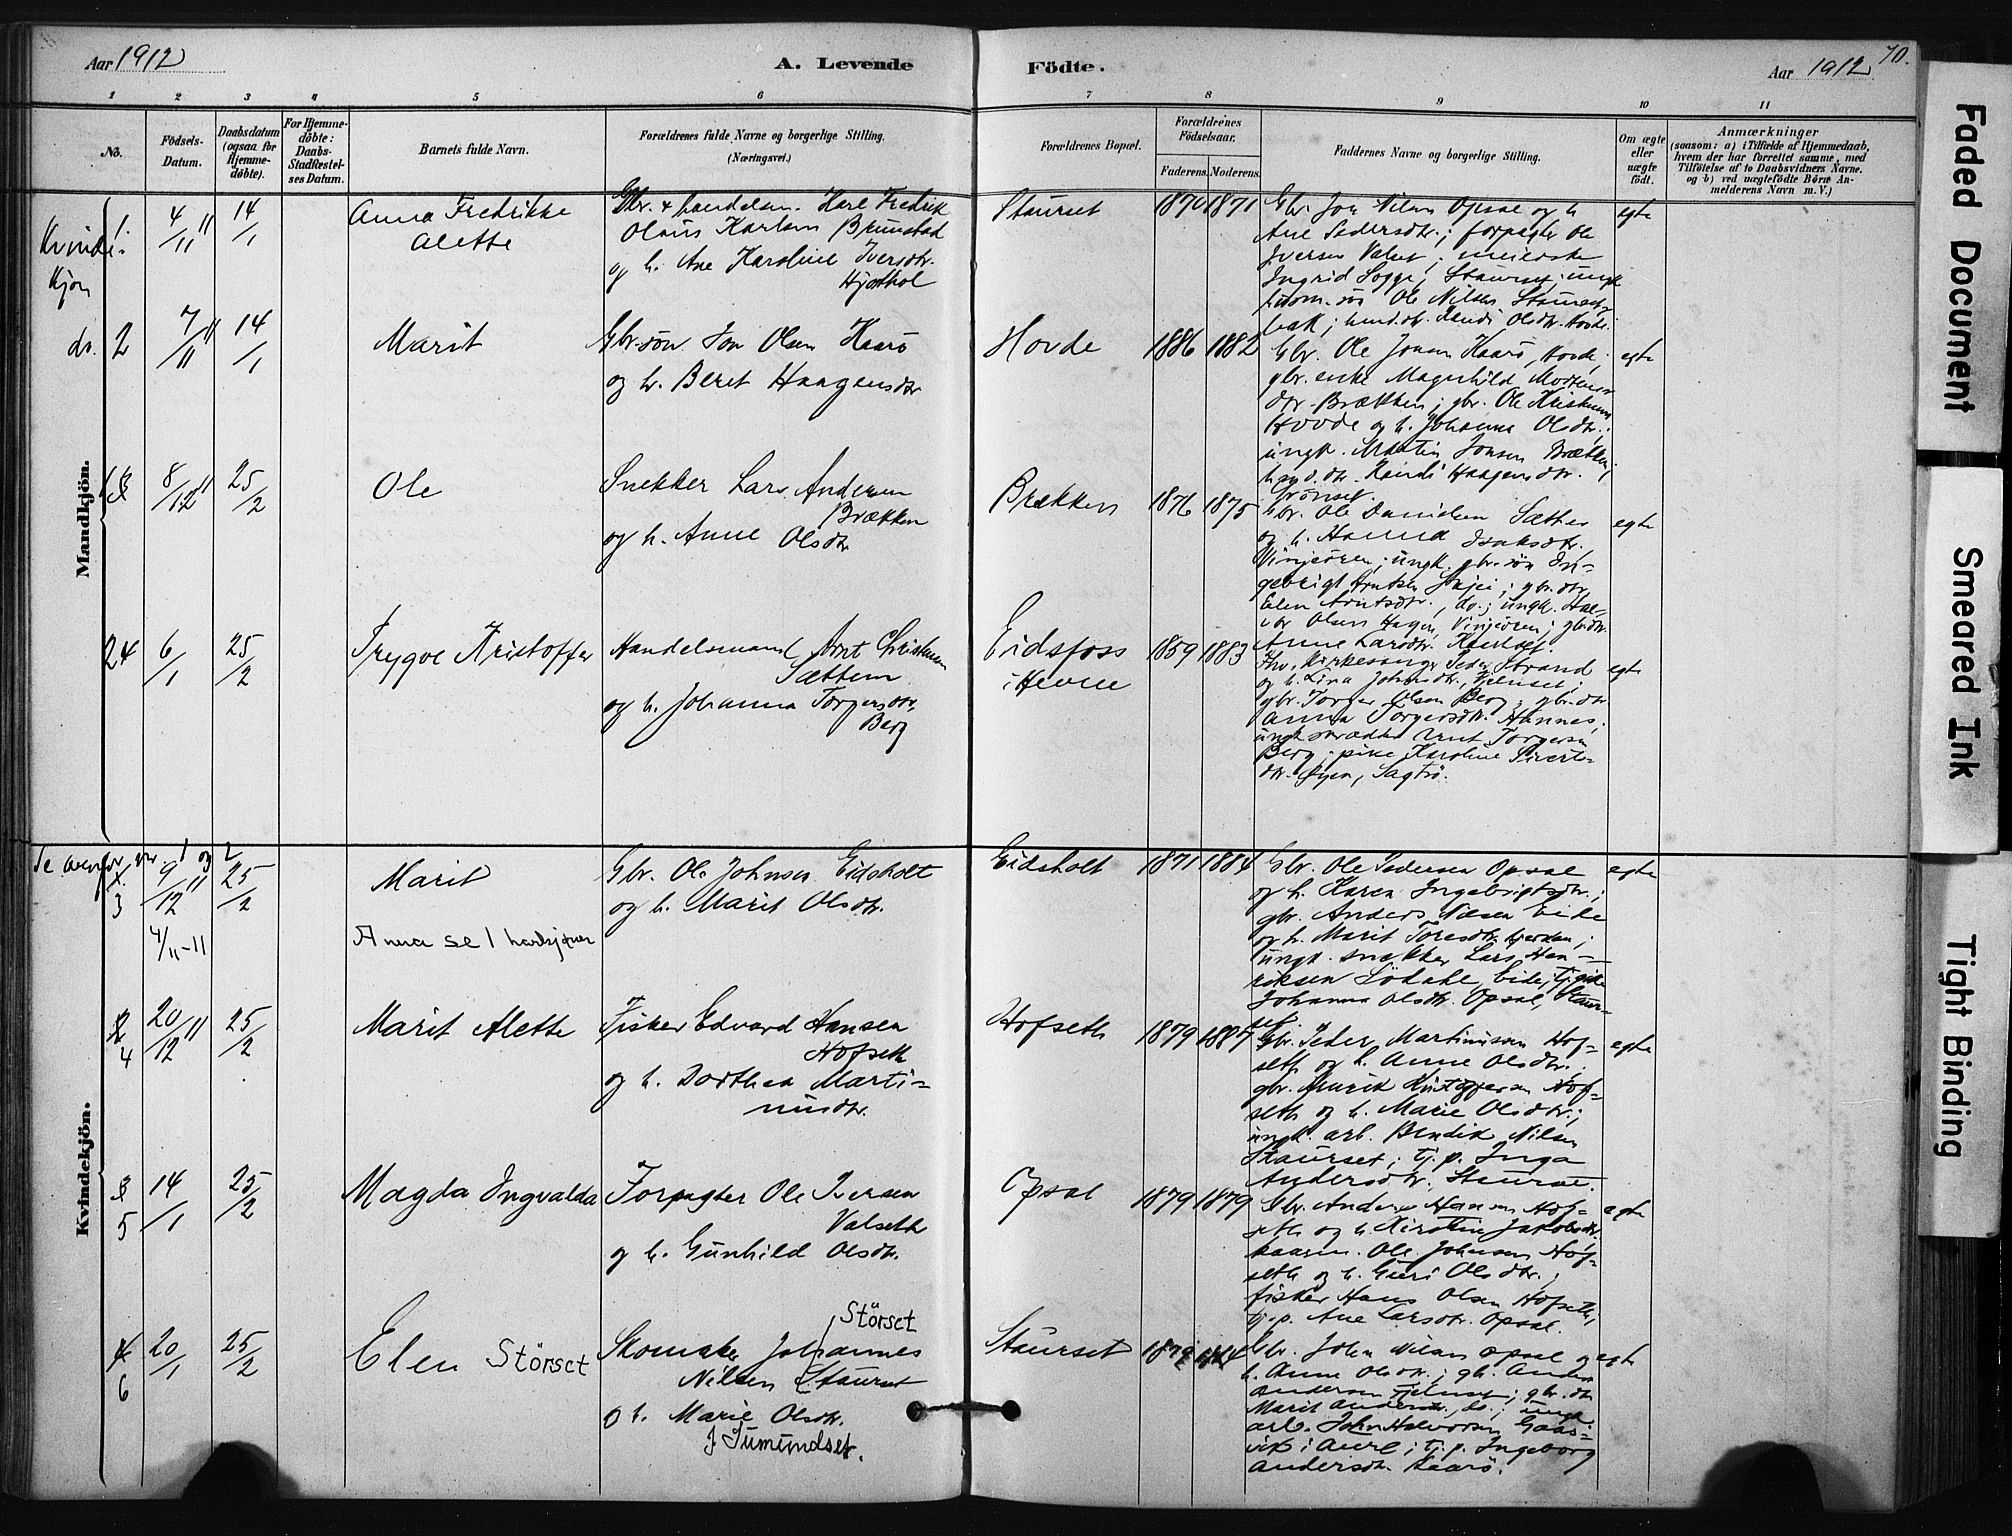 SAT, Ministerialprotokoller, klokkerbøker og fødselsregistre - Sør-Trøndelag, 631/L0512: Ministerialbok nr. 631A01, 1879-1912, s. 70